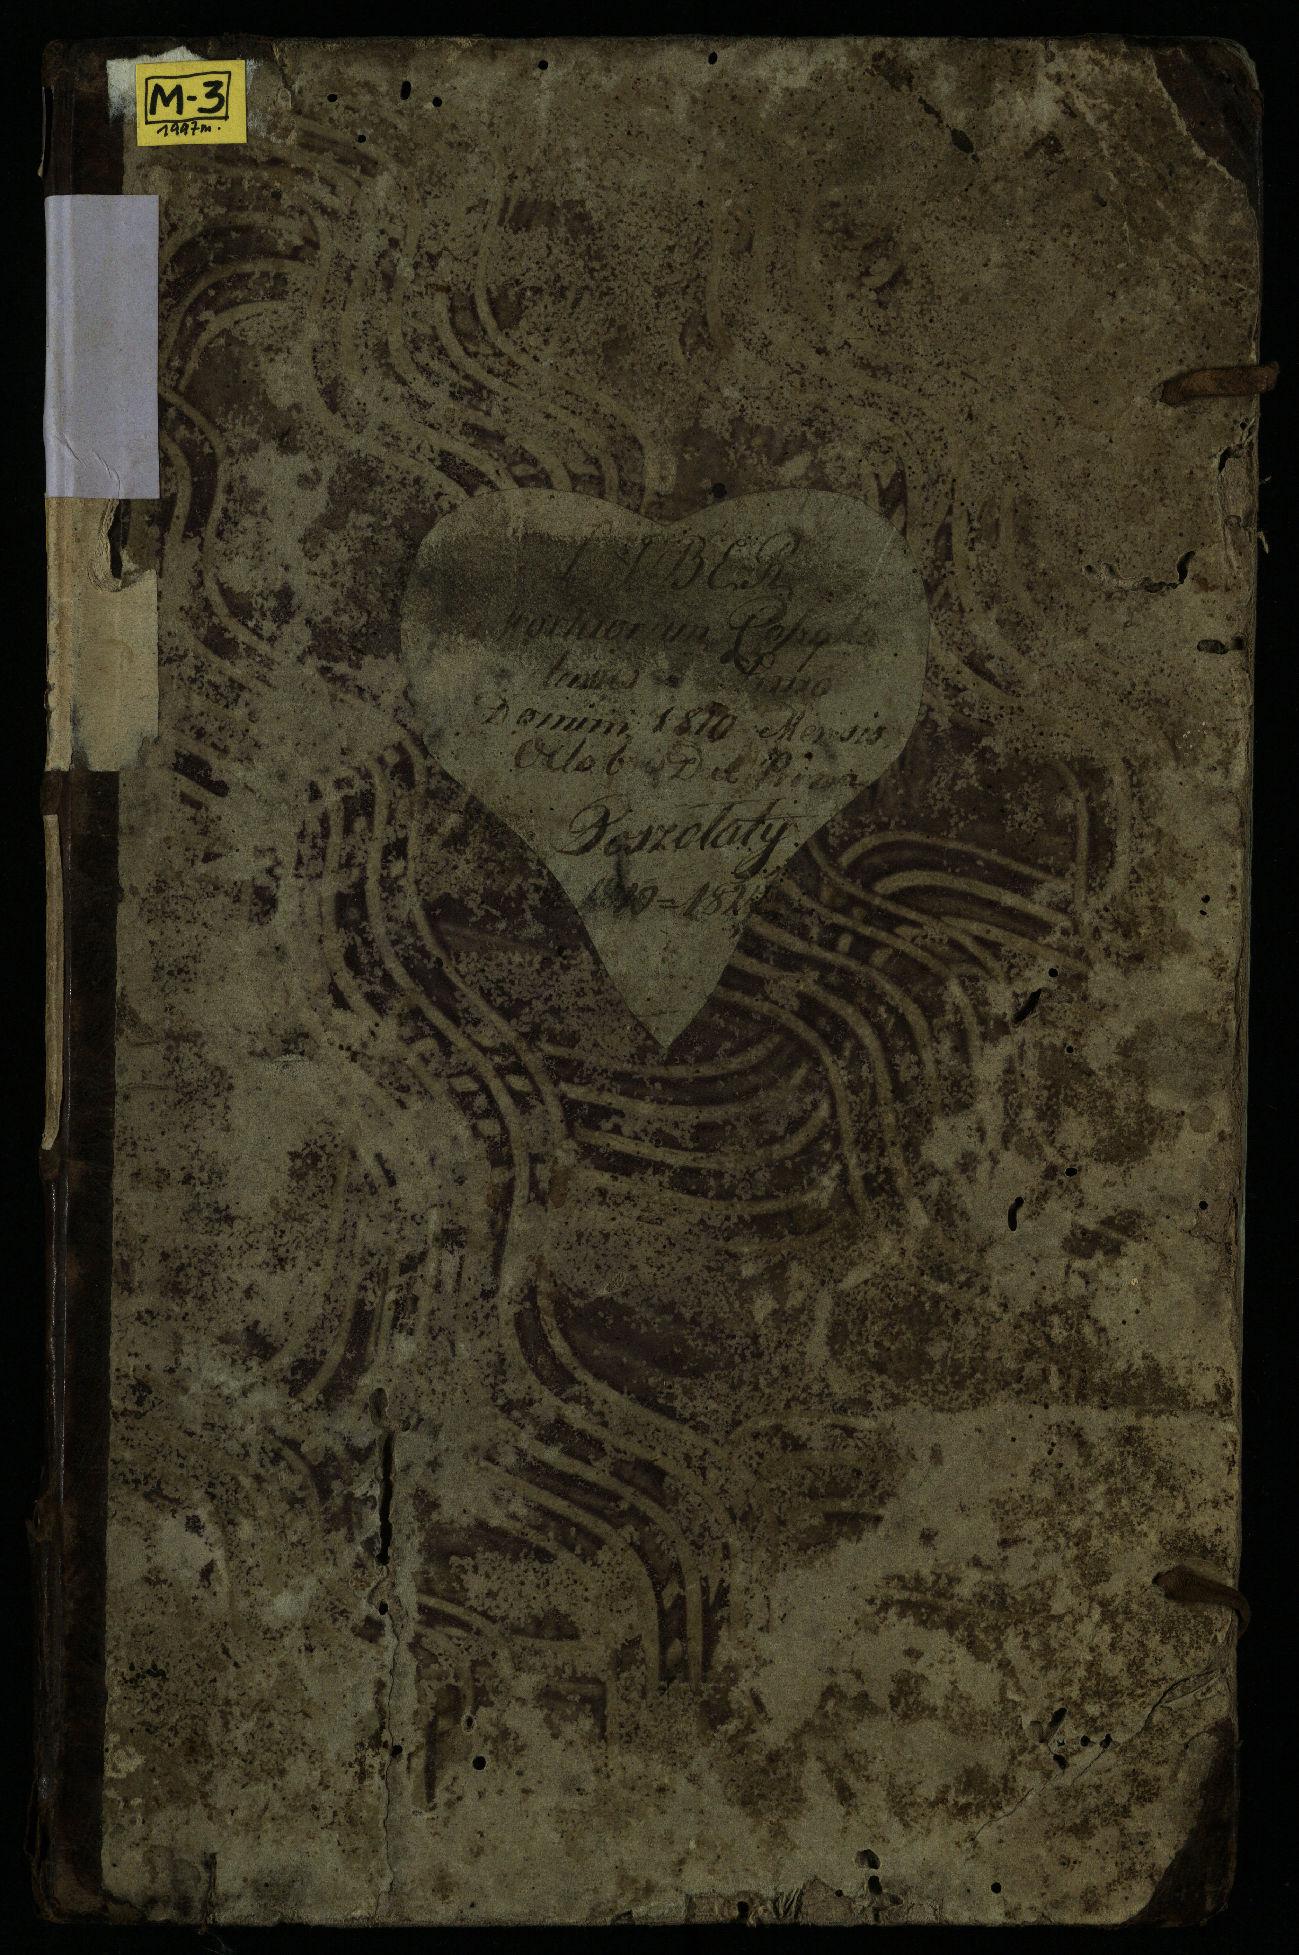 Pušaloto Romos katalikų parapijos bažnyčios 1810–1827 metų mirties metrikų knyga